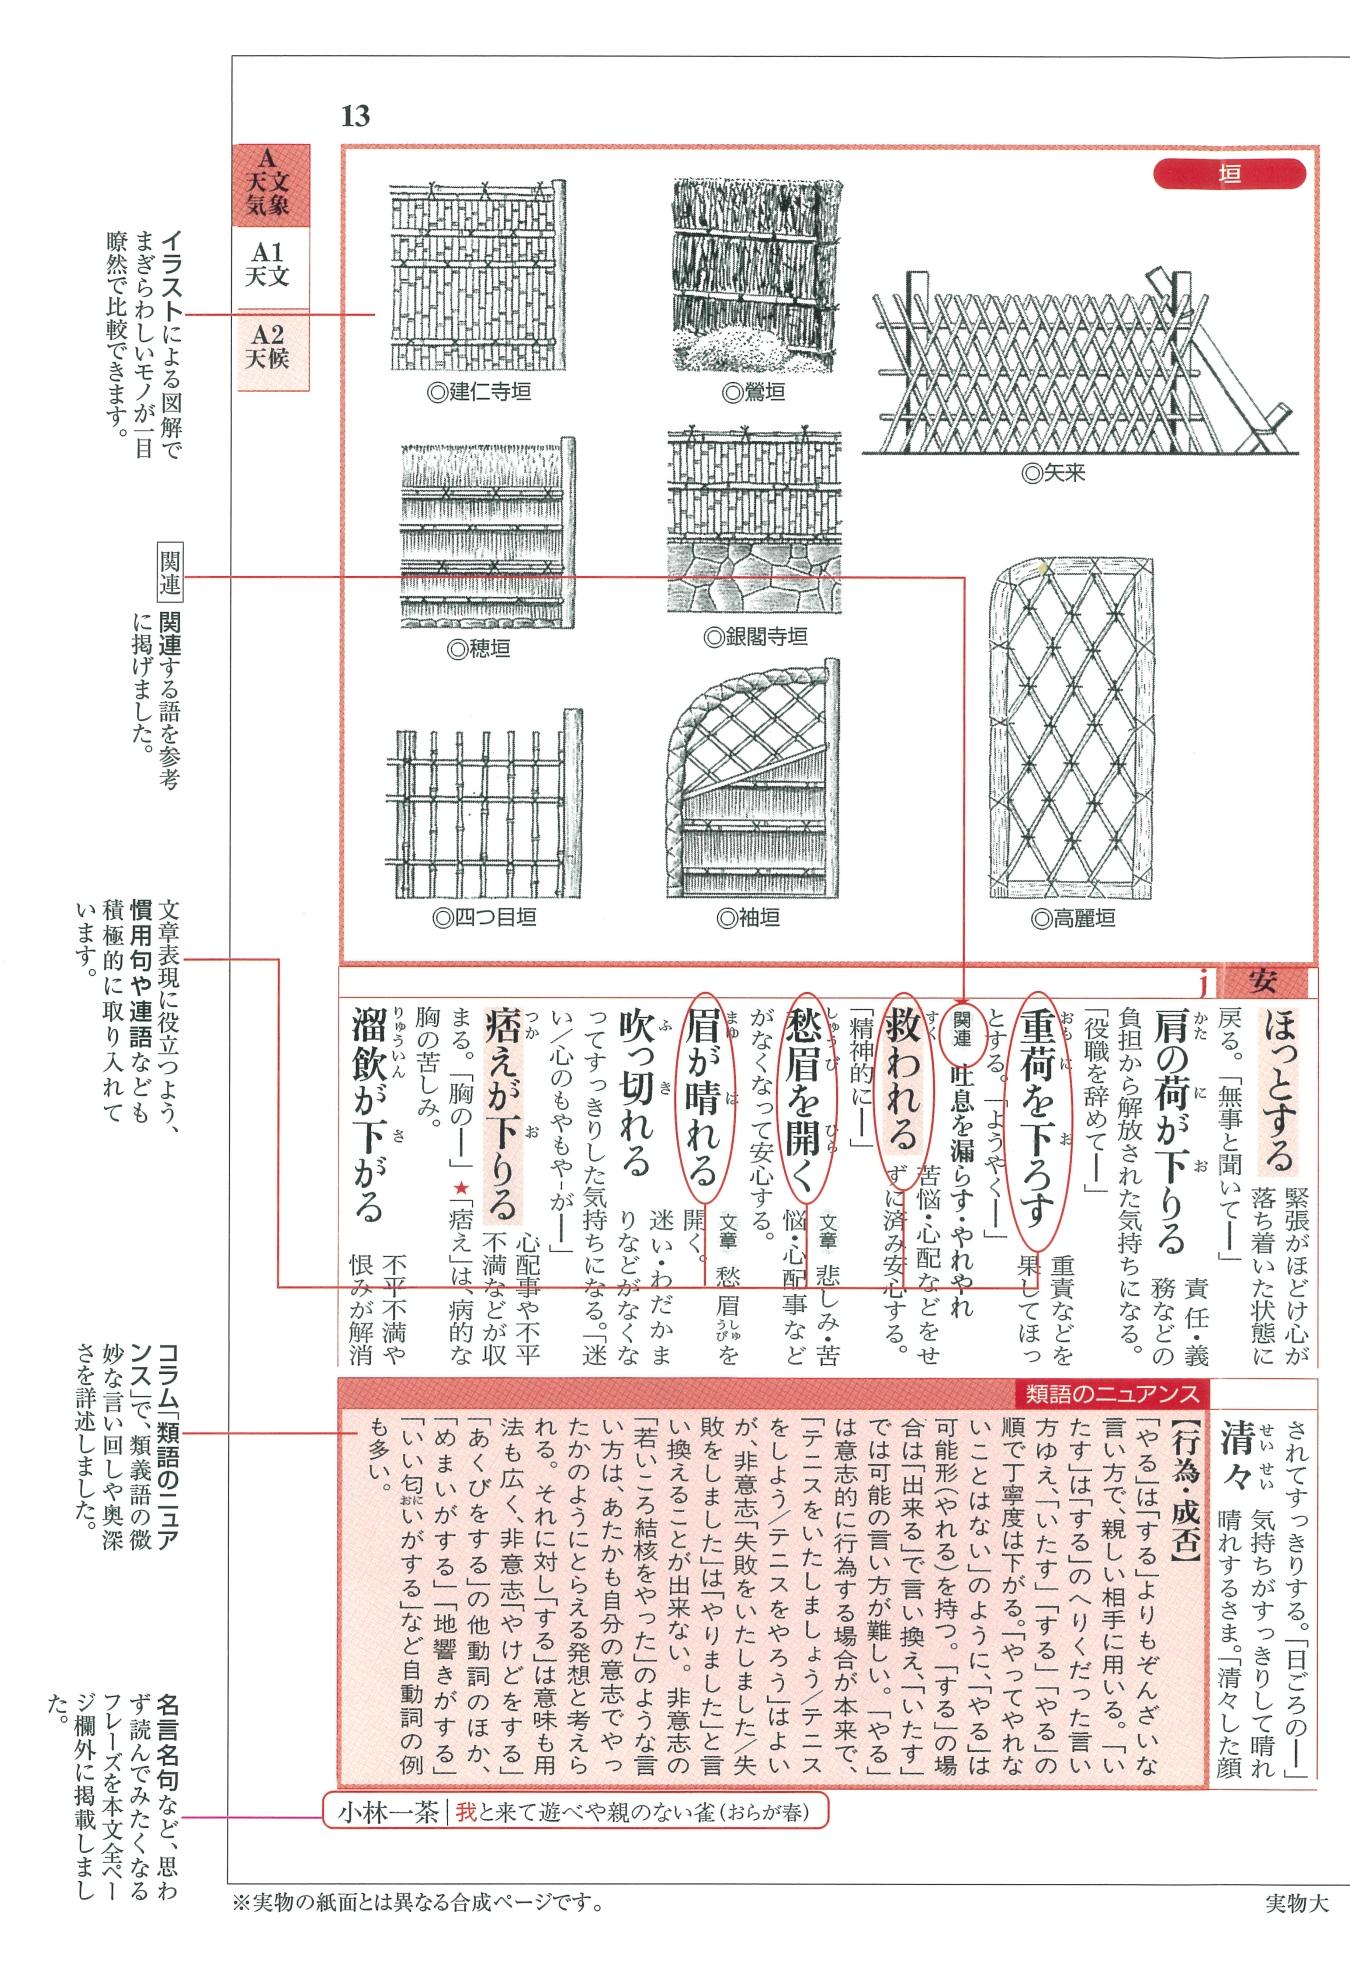 ※飯間さんが携わった『三省堂類語新辞典』(外部サイト)より